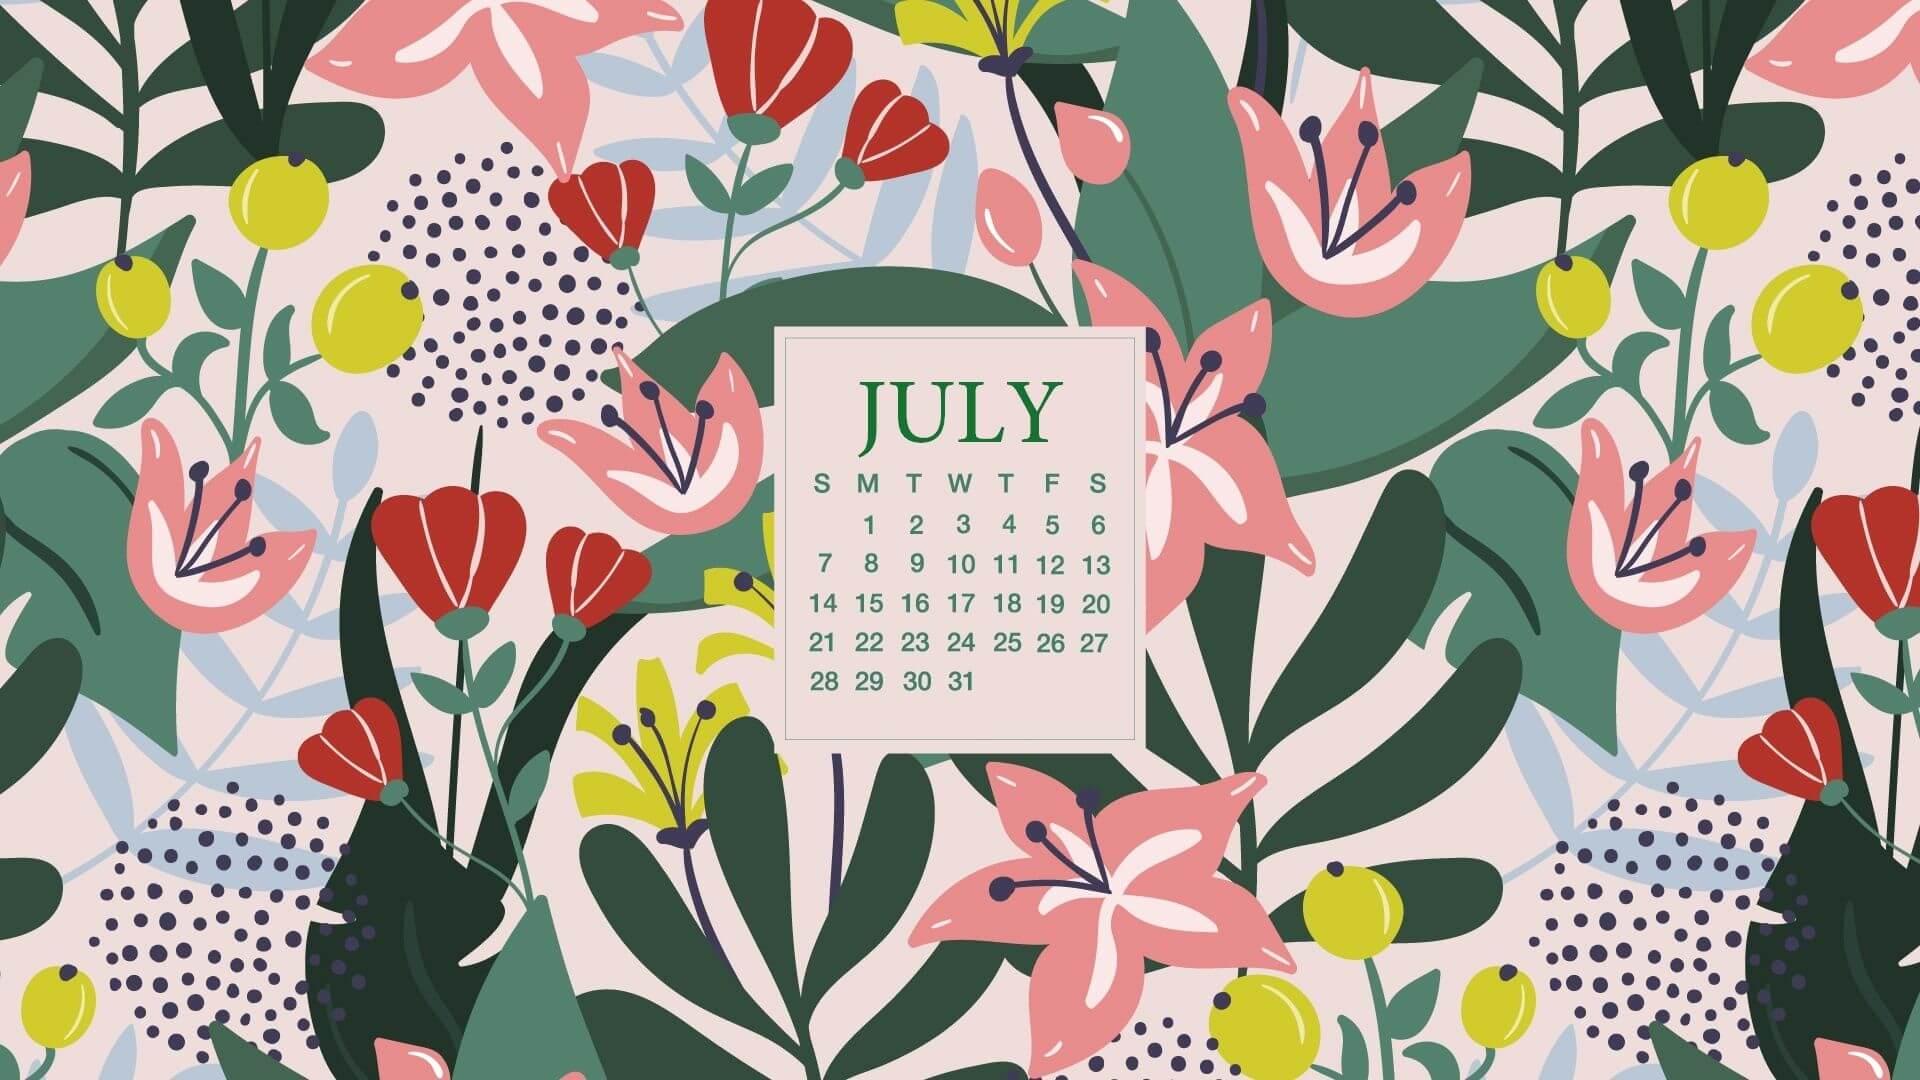 July 2020 Desktop Calendar Wallpaper